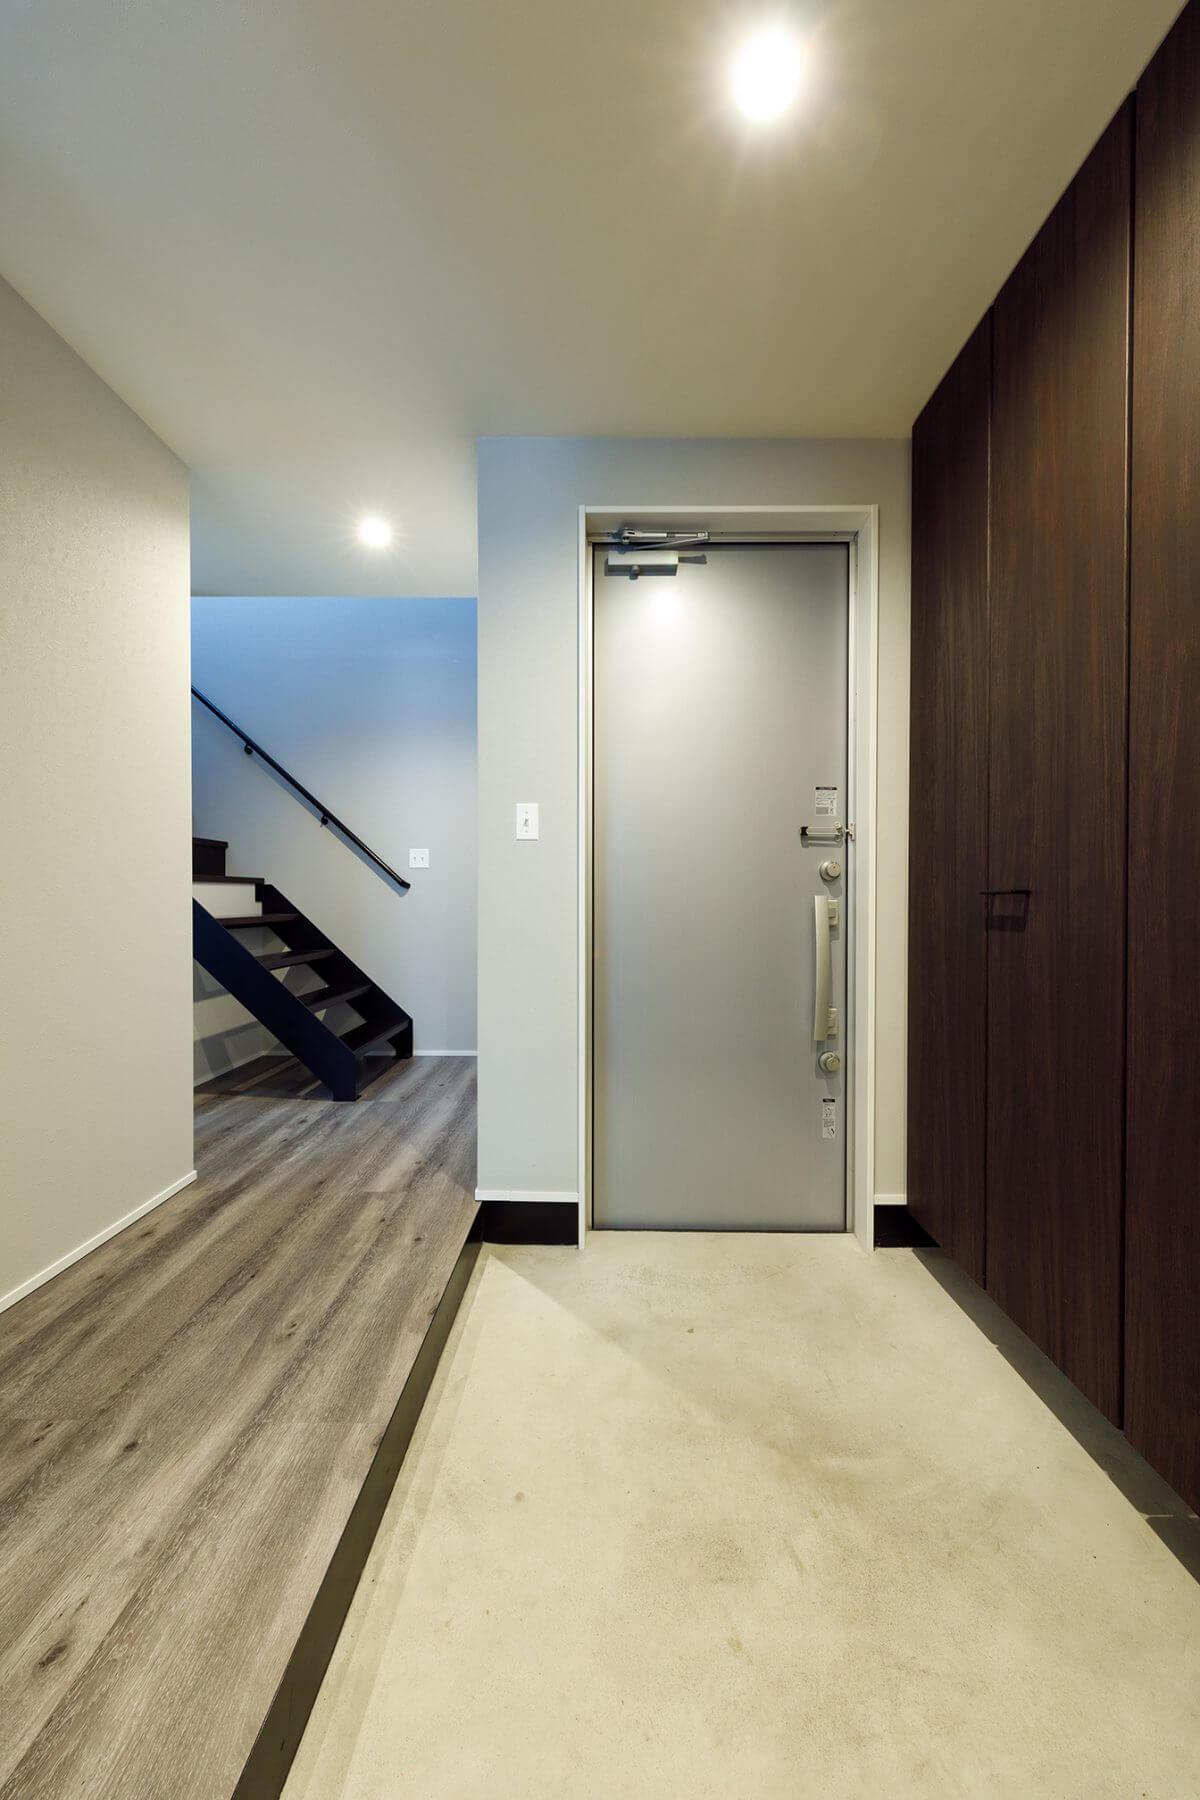 2世帯で使うシンプルな共有玄関。省スペース設計だが、天井までびっしり収納できるシューズクロークを設置。家族みんなの靴がスッキリ収納でき、家族が多くても玄関からいつも片付いているそうです。